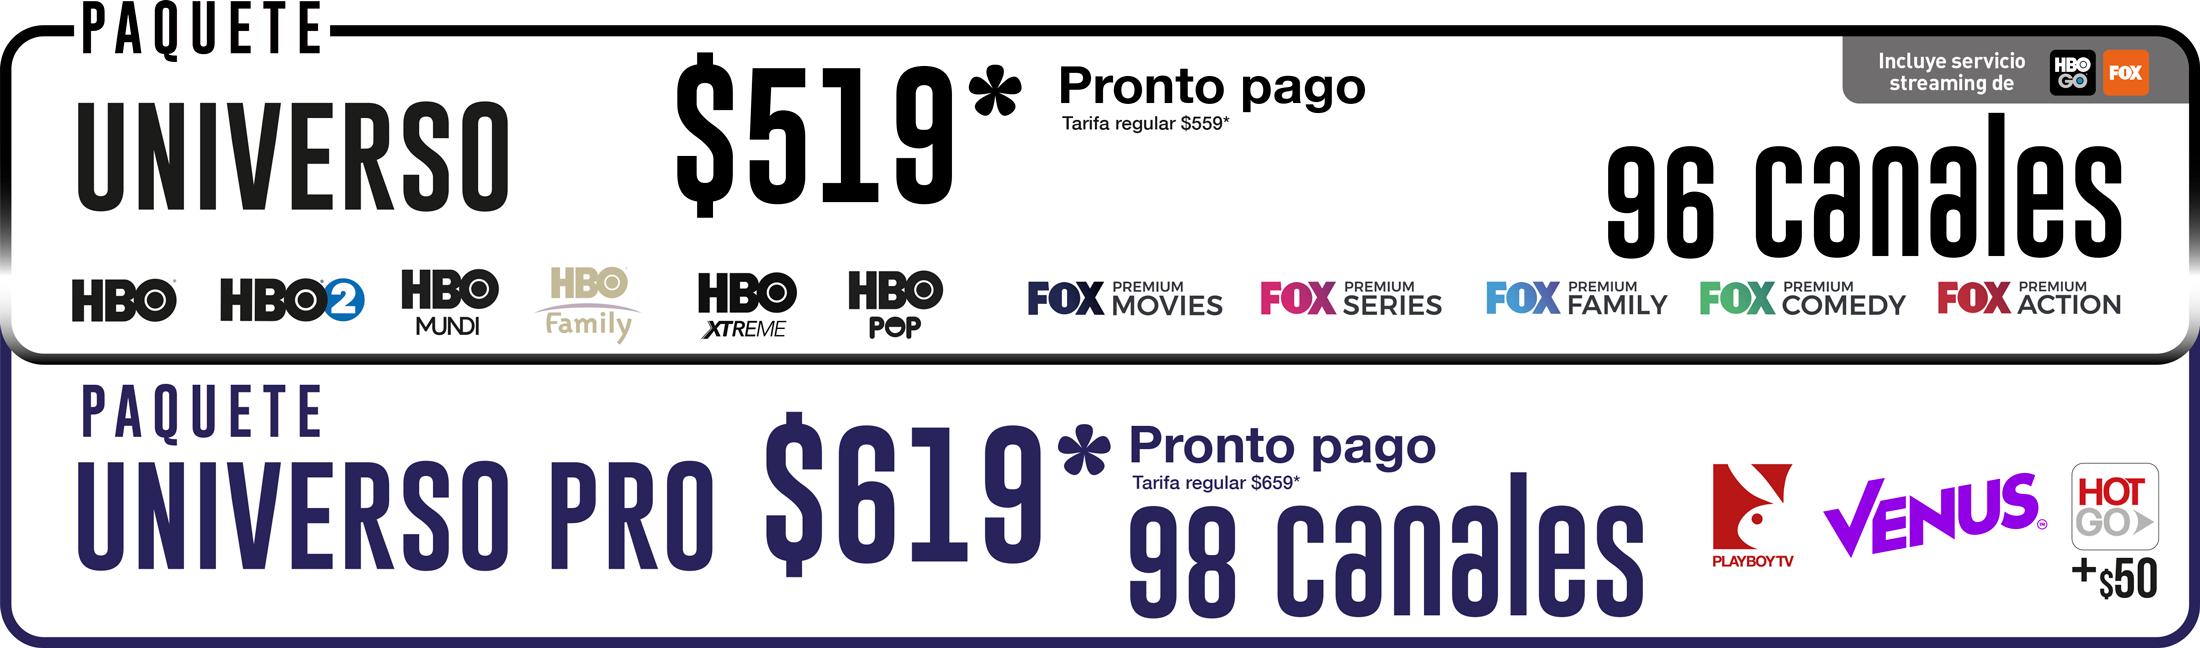 PAQUETE UNIVERSO 96 CANALES $499 PRONTO PAGO TARIFA REGULAR $539 - STARTV TUS CANALES MÁS CERCA DE TI